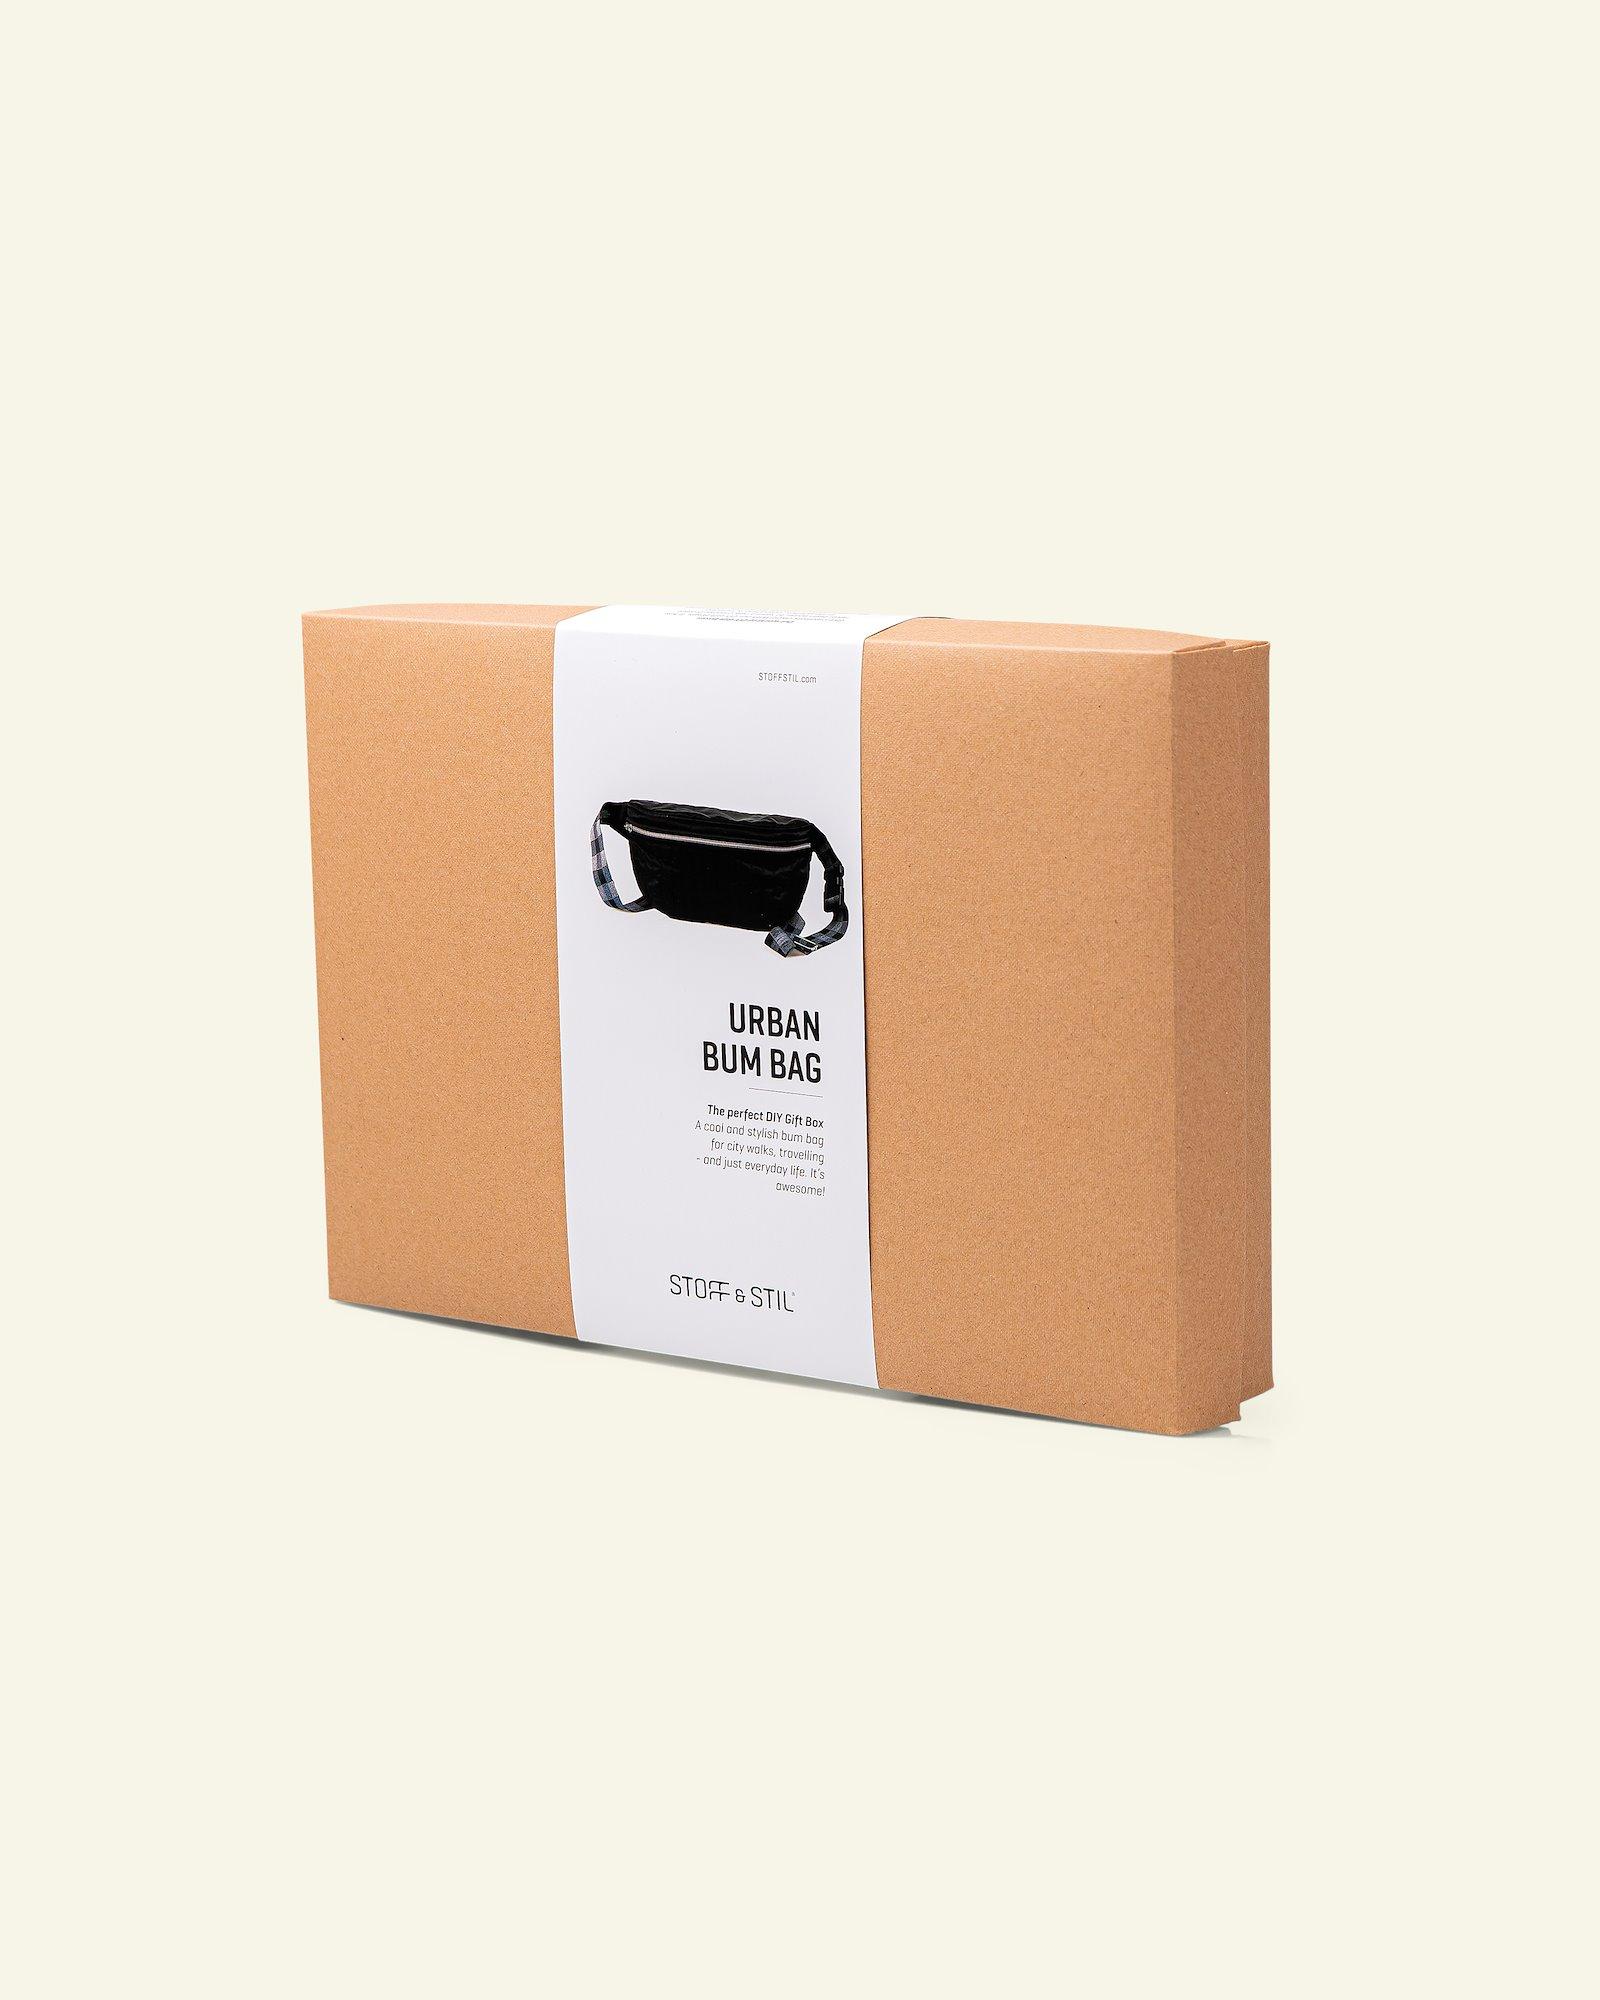 DIY Gift Box bum bag